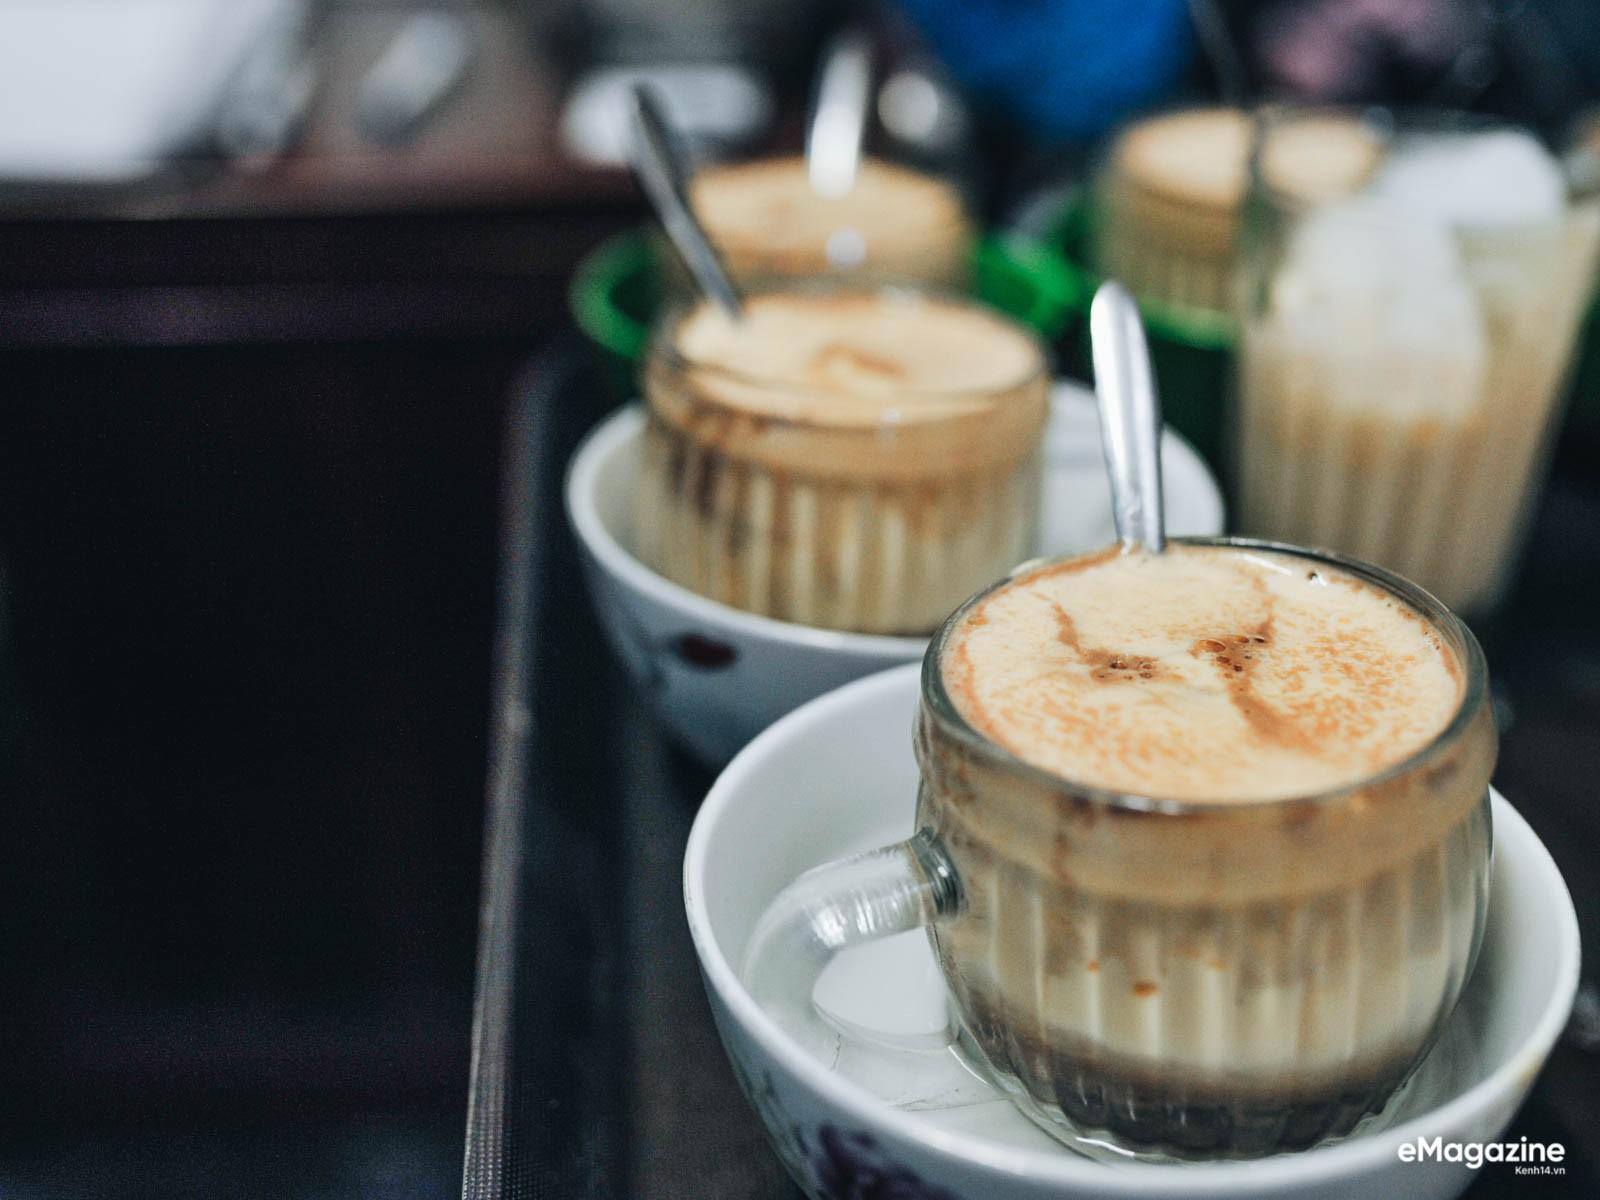 Đến Giảng không chỉ để uống một ly cafe trứng, mà còn để hưởng cái nhàn nhã rất Hà Nội của một quán xưa - Ảnh 7.